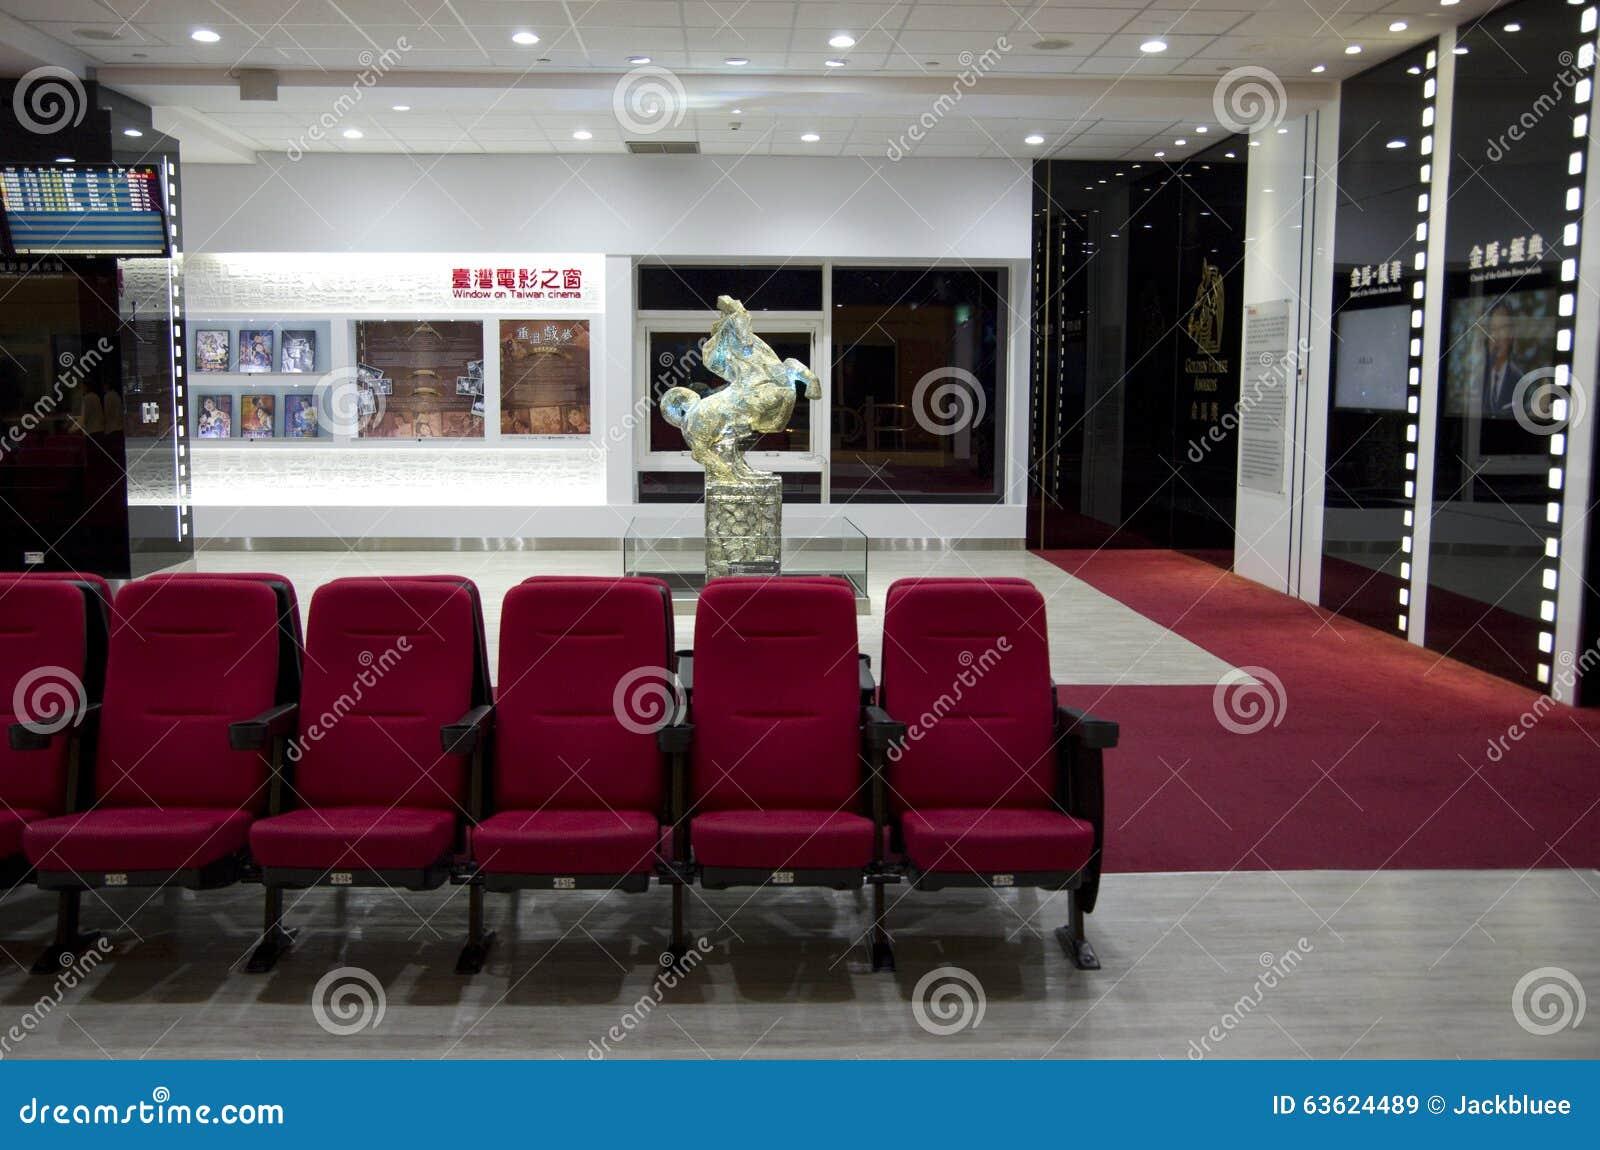 Idee di interior design sala di attesa dell 39 aeroporto for Idee interior design